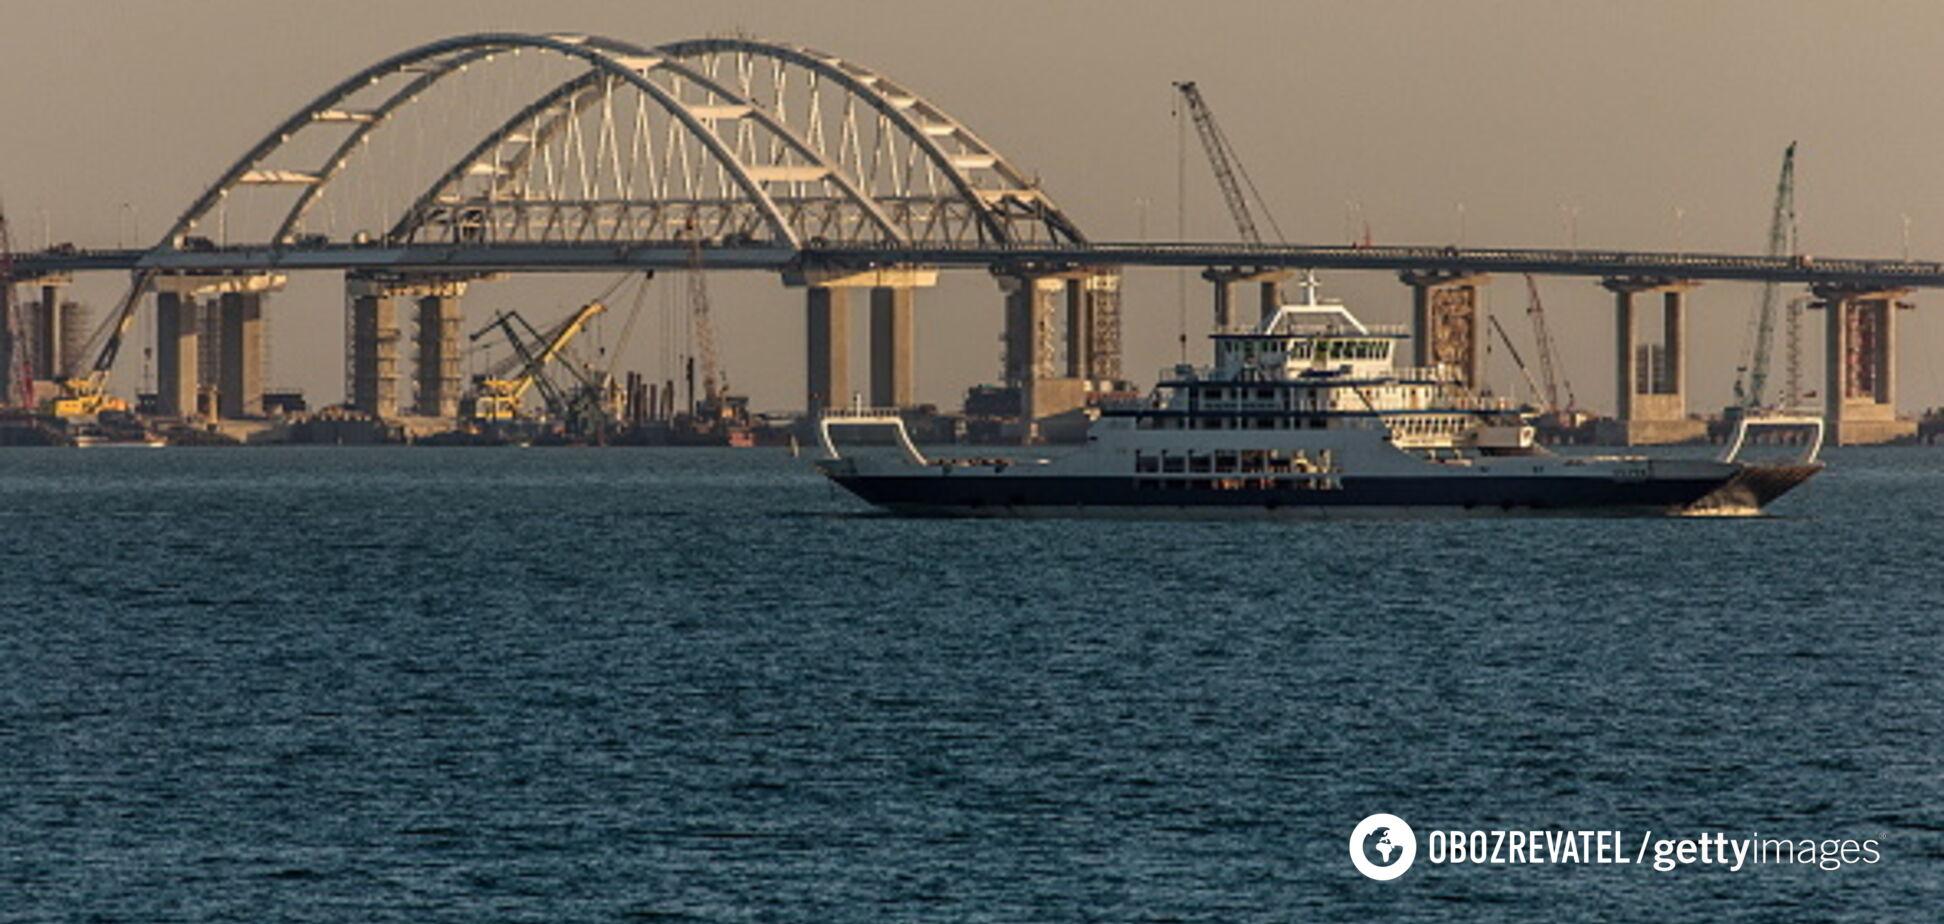 Ветераны АТО продадут мост США: озвучен неожиданный способ возврата Крыма